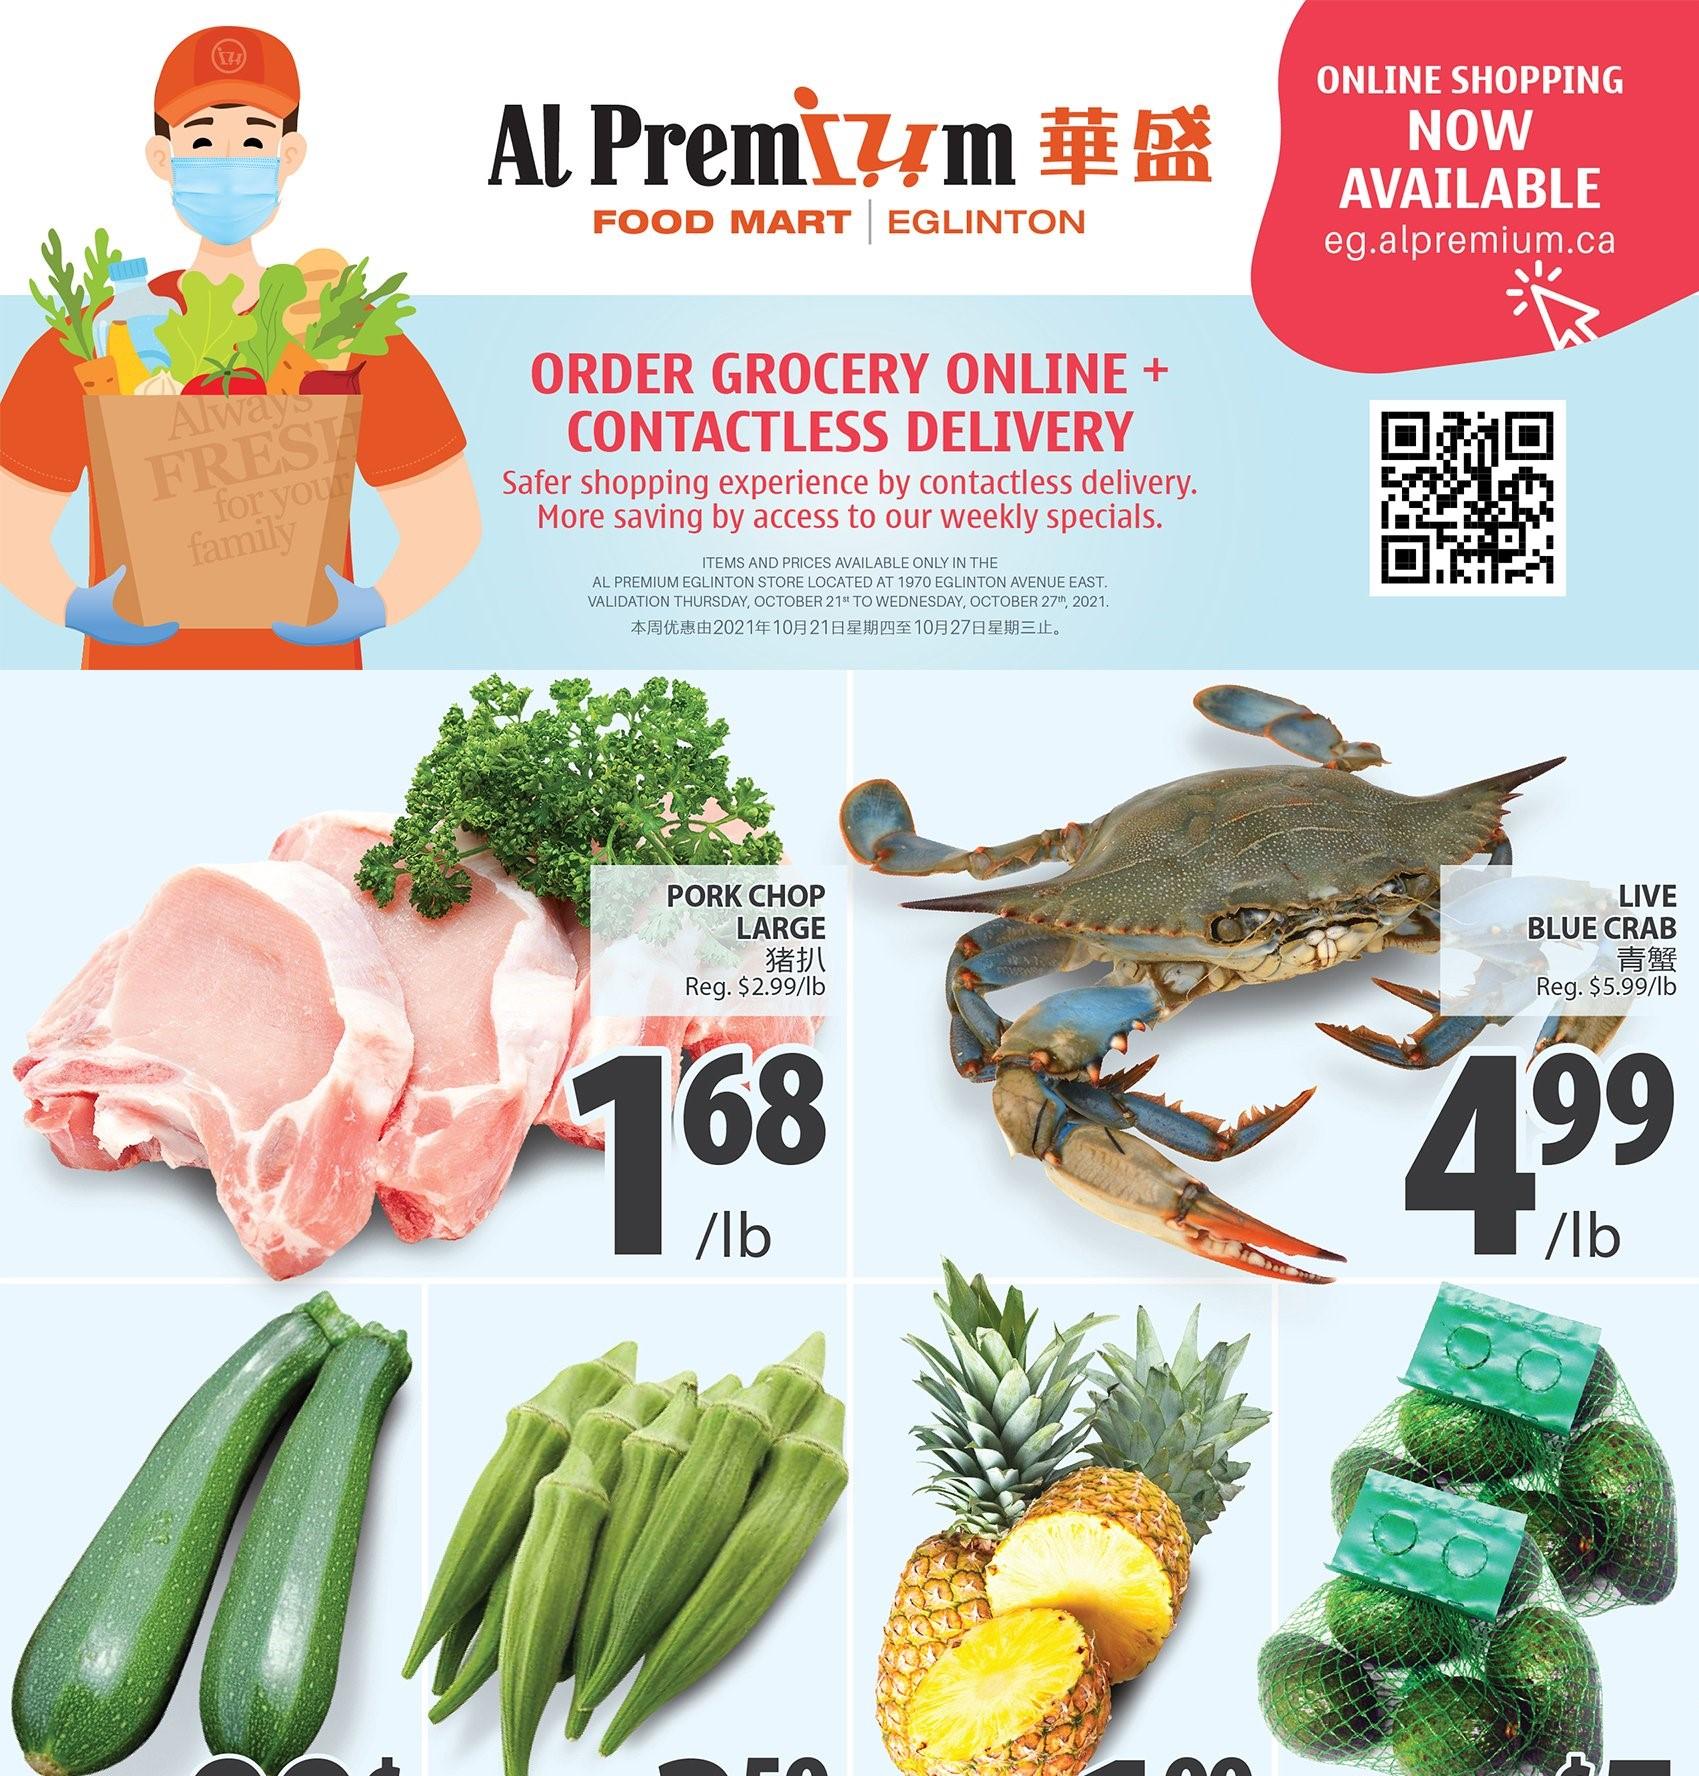 Al Premium Food Mart Eglington Flyer | Oct 21